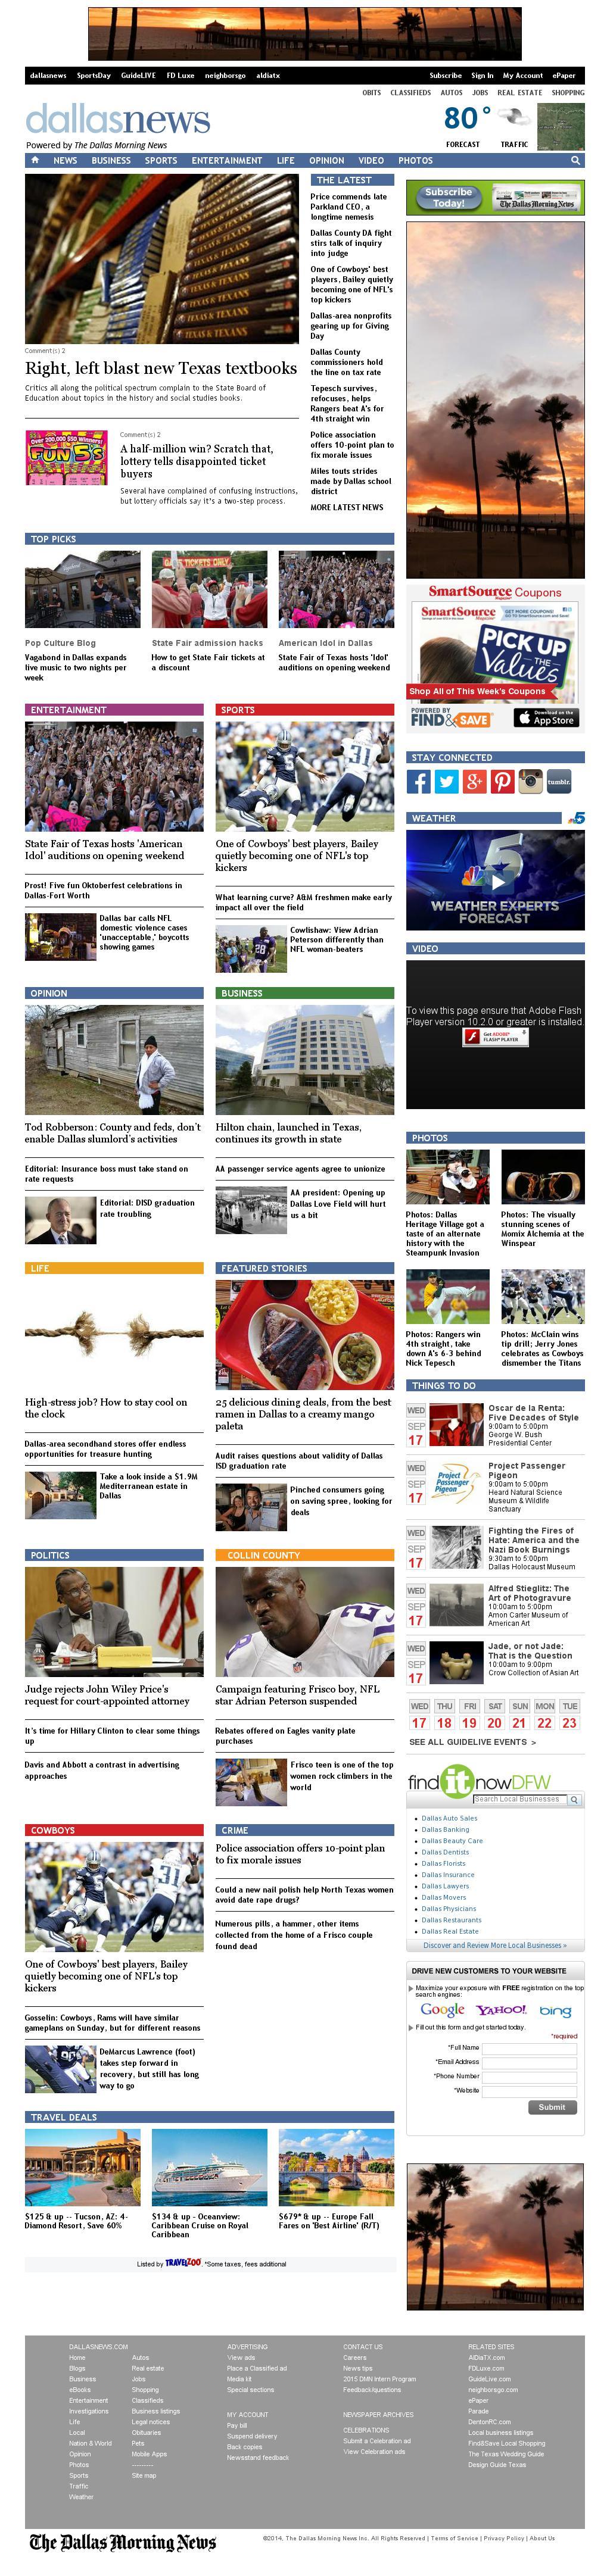 dallasnews.com at Wednesday Sept. 17, 2014, 7:03 a.m. UTC